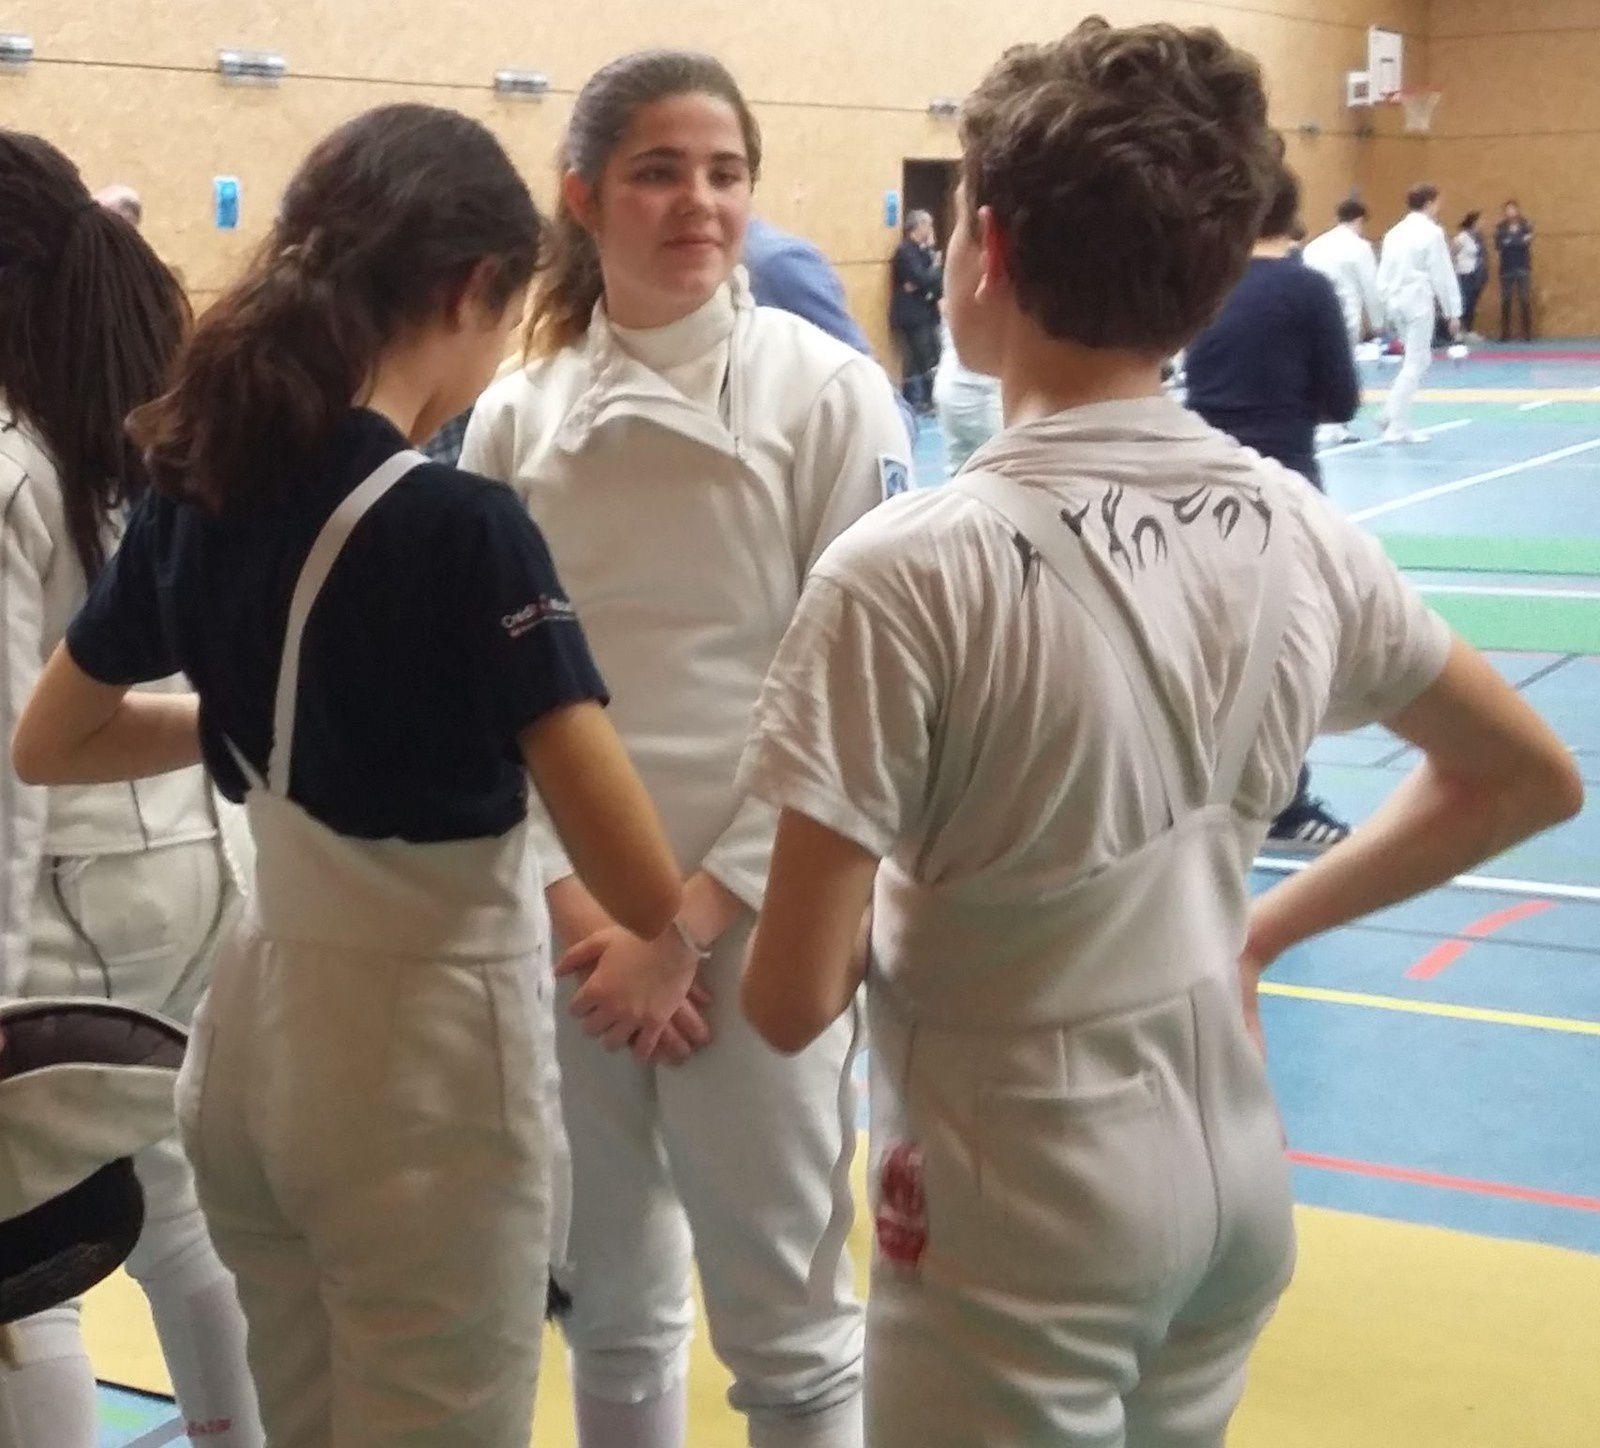 7 et 8 avril - Livry-Gargan et Aubières : 4 premières places